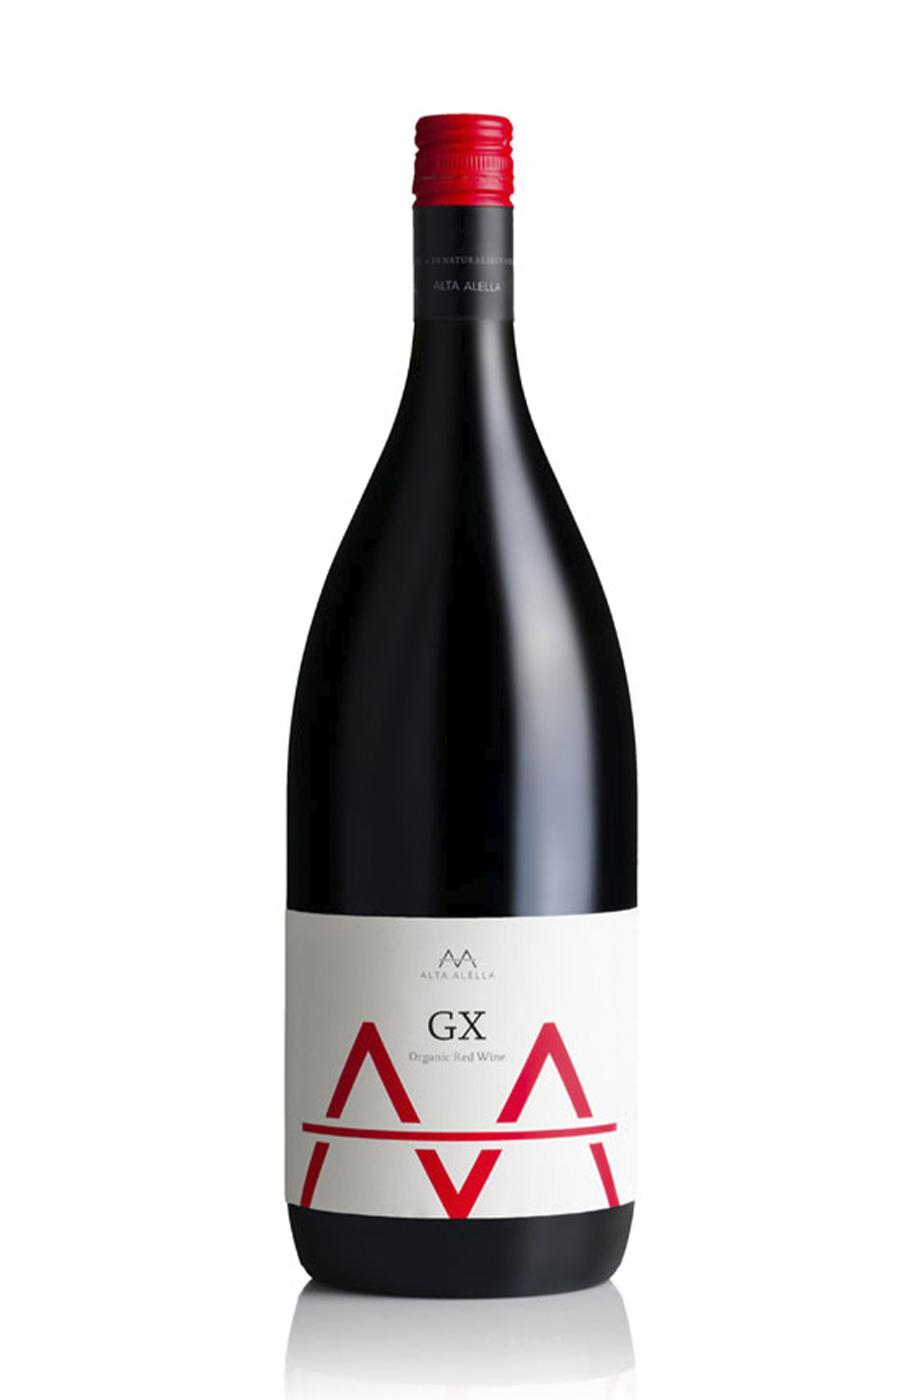 GX   Alta Alella - Winexfood